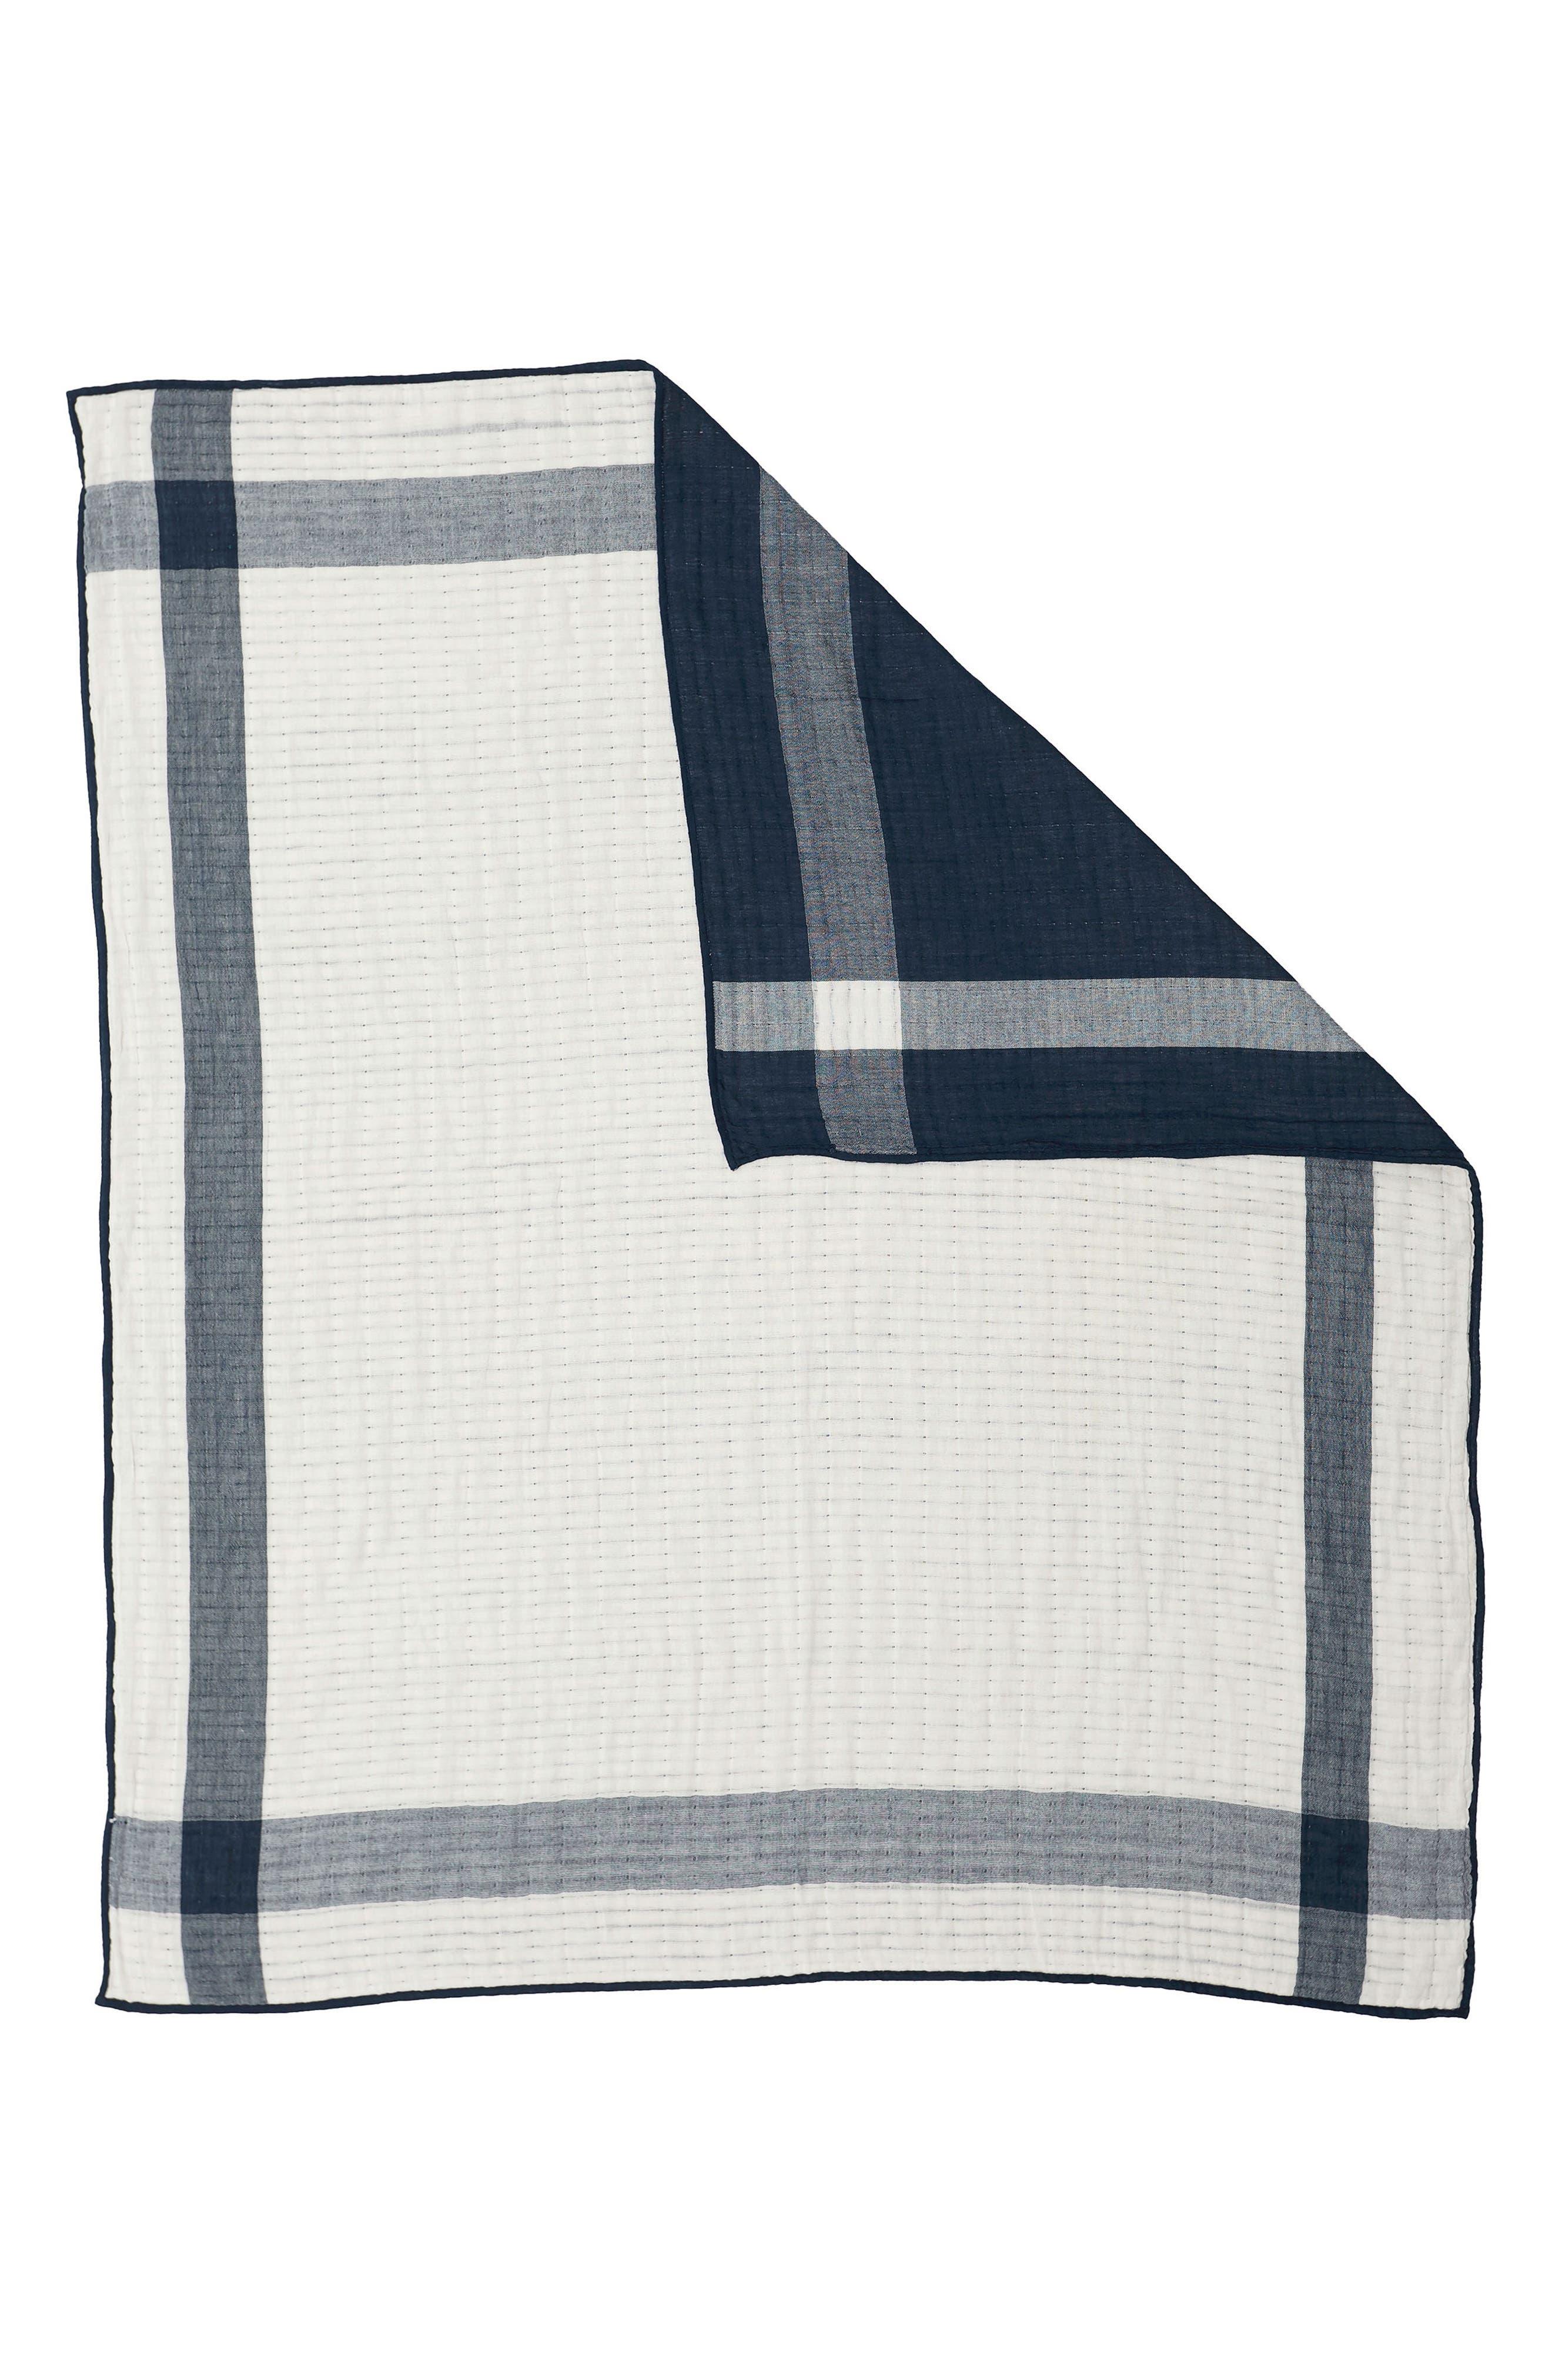 Sidekick Blanket,                             Alternate thumbnail 2, color,                             Navy